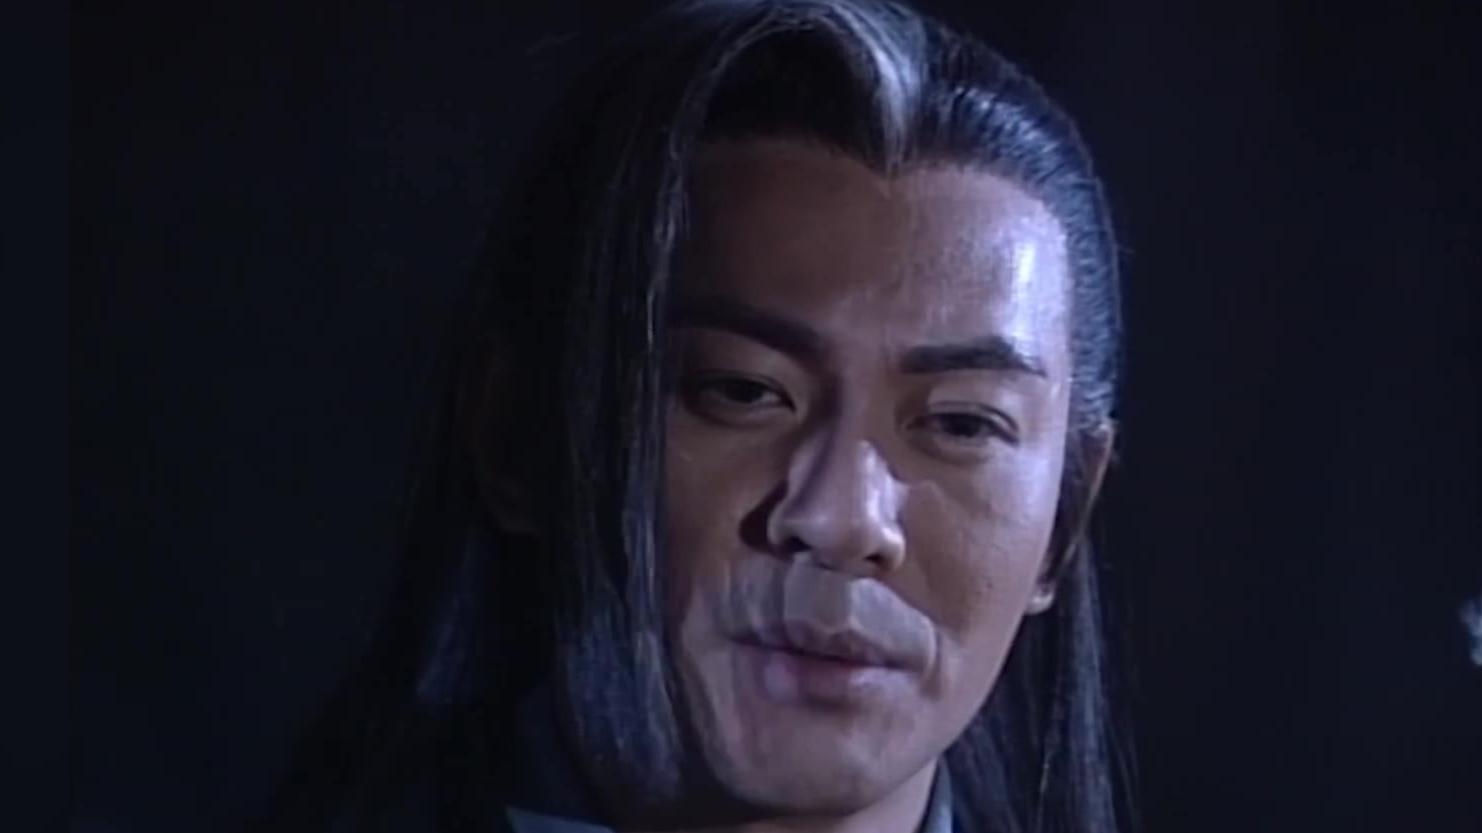 碧血剑12:阿九真实身份亮出,狠下决心对袁承志下手!